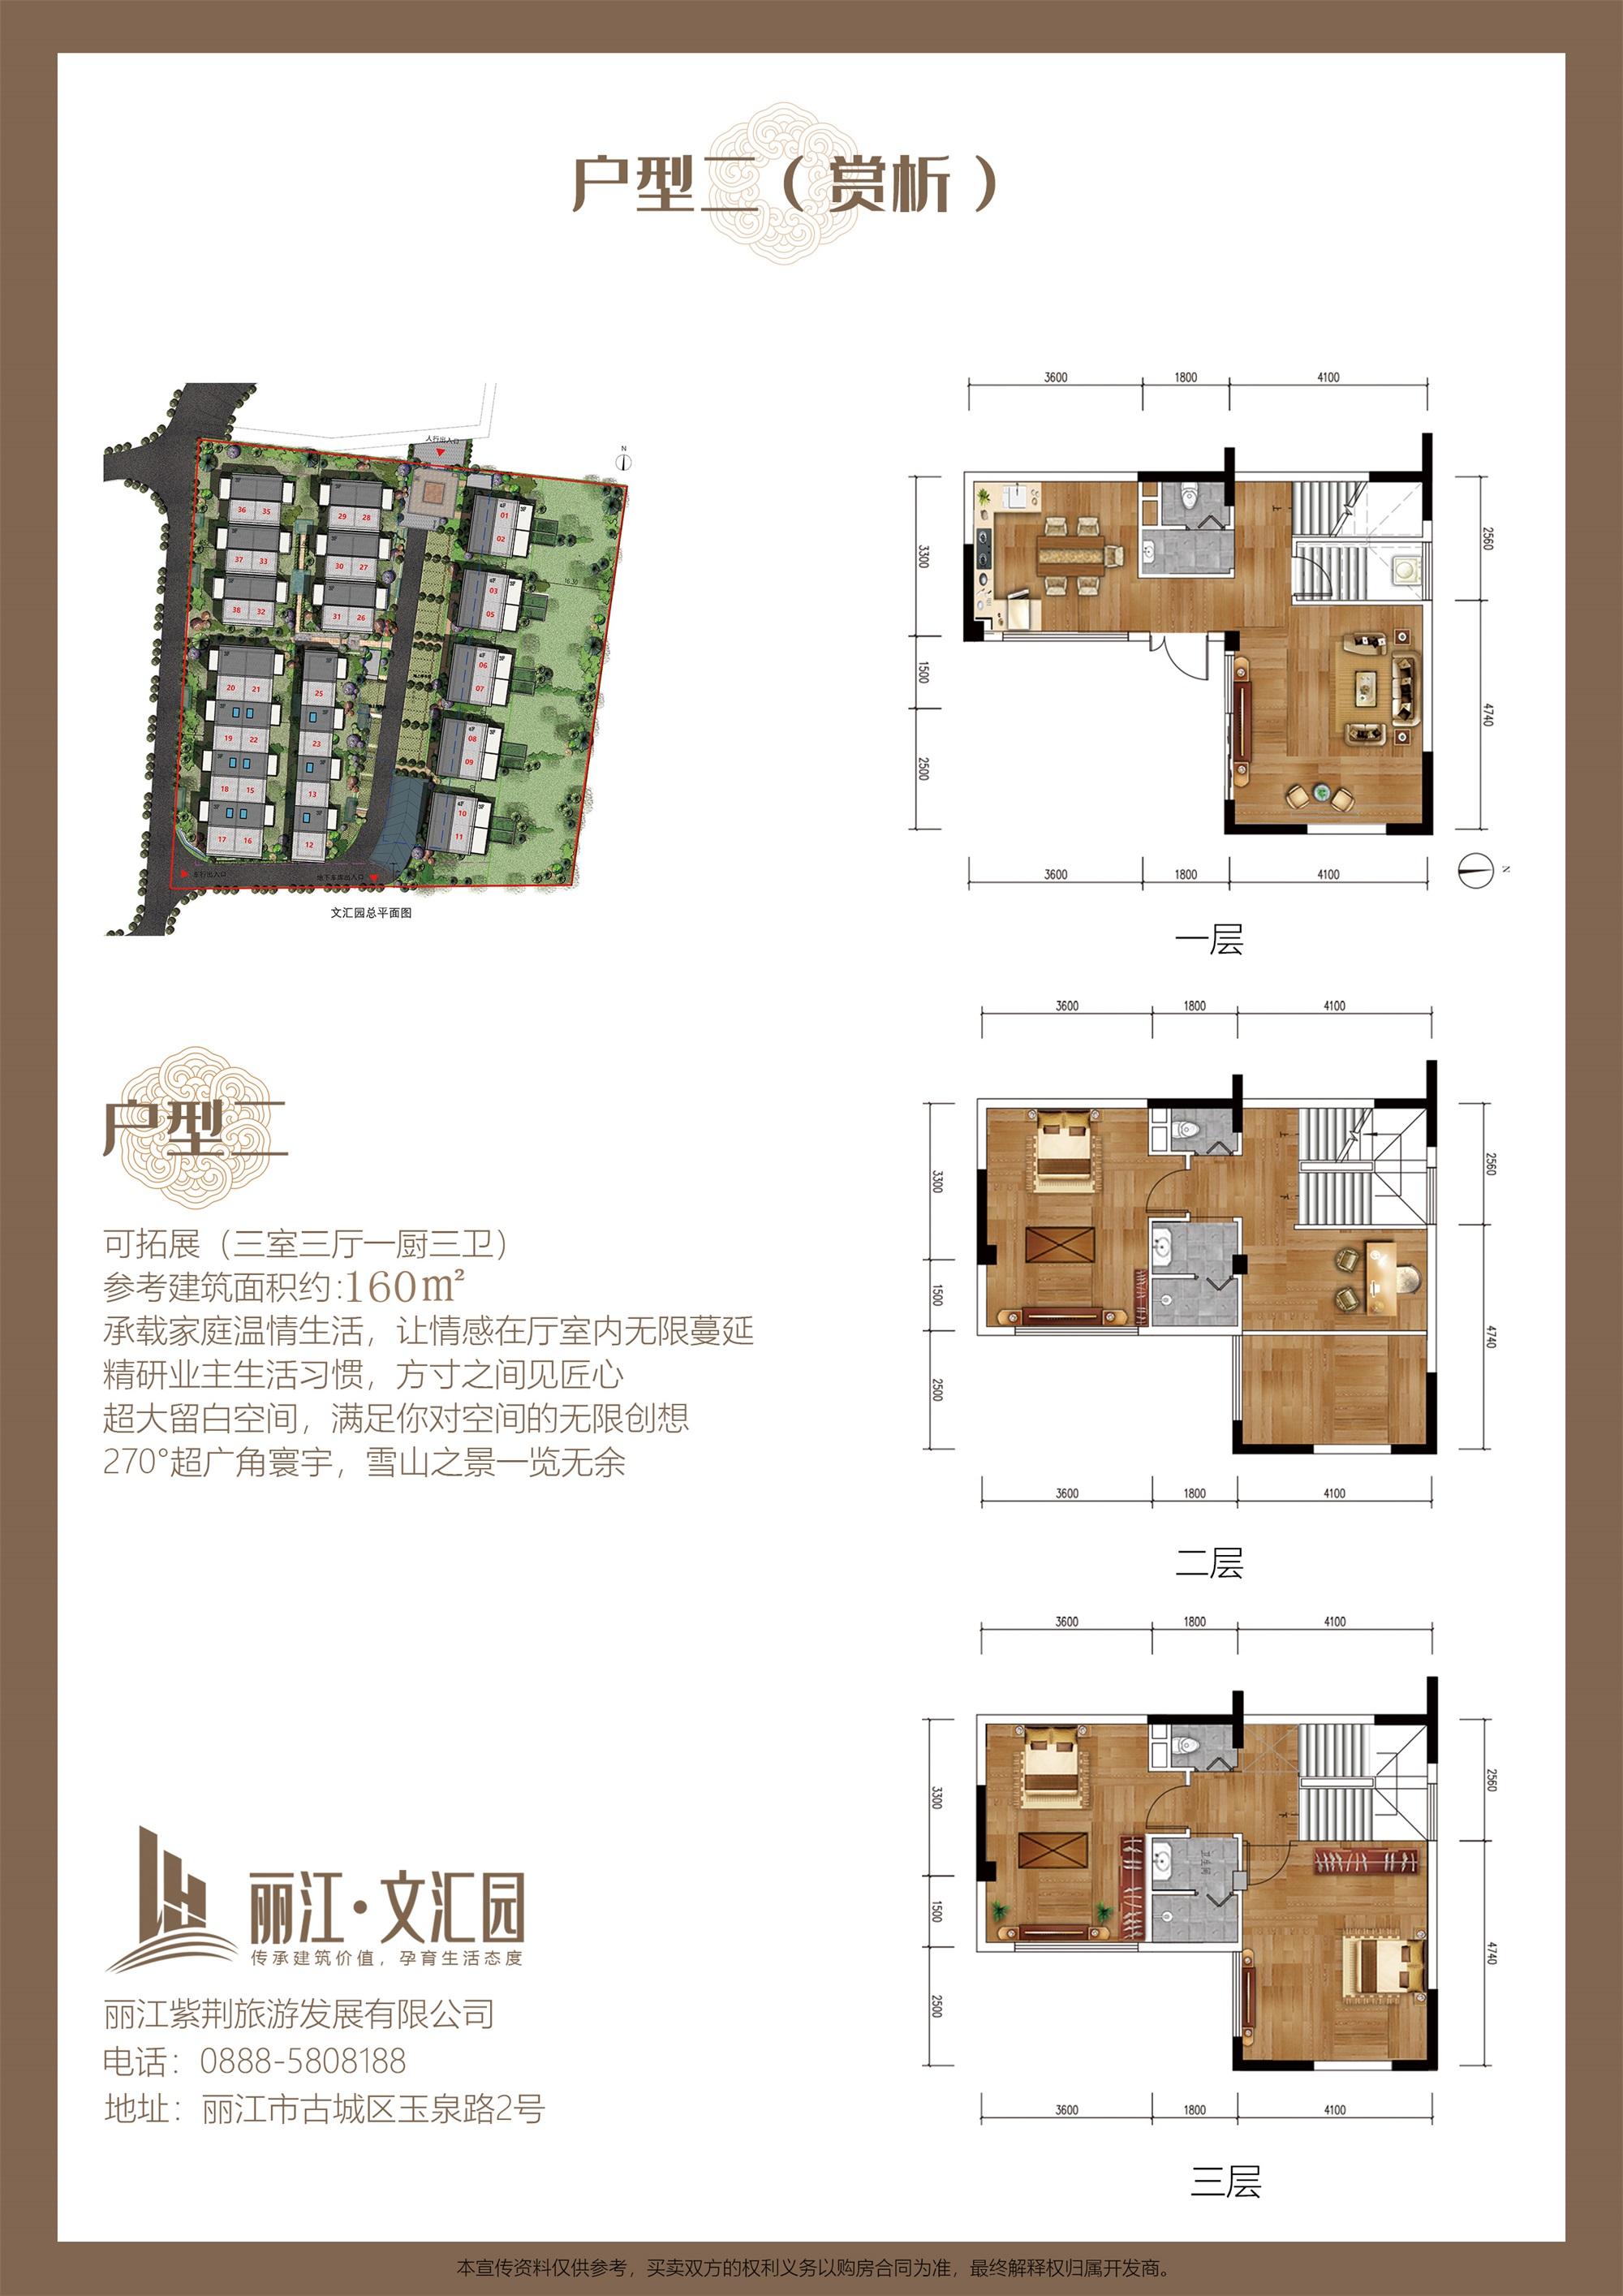 户型二 3房3厅1厨3卫 建面160㎡